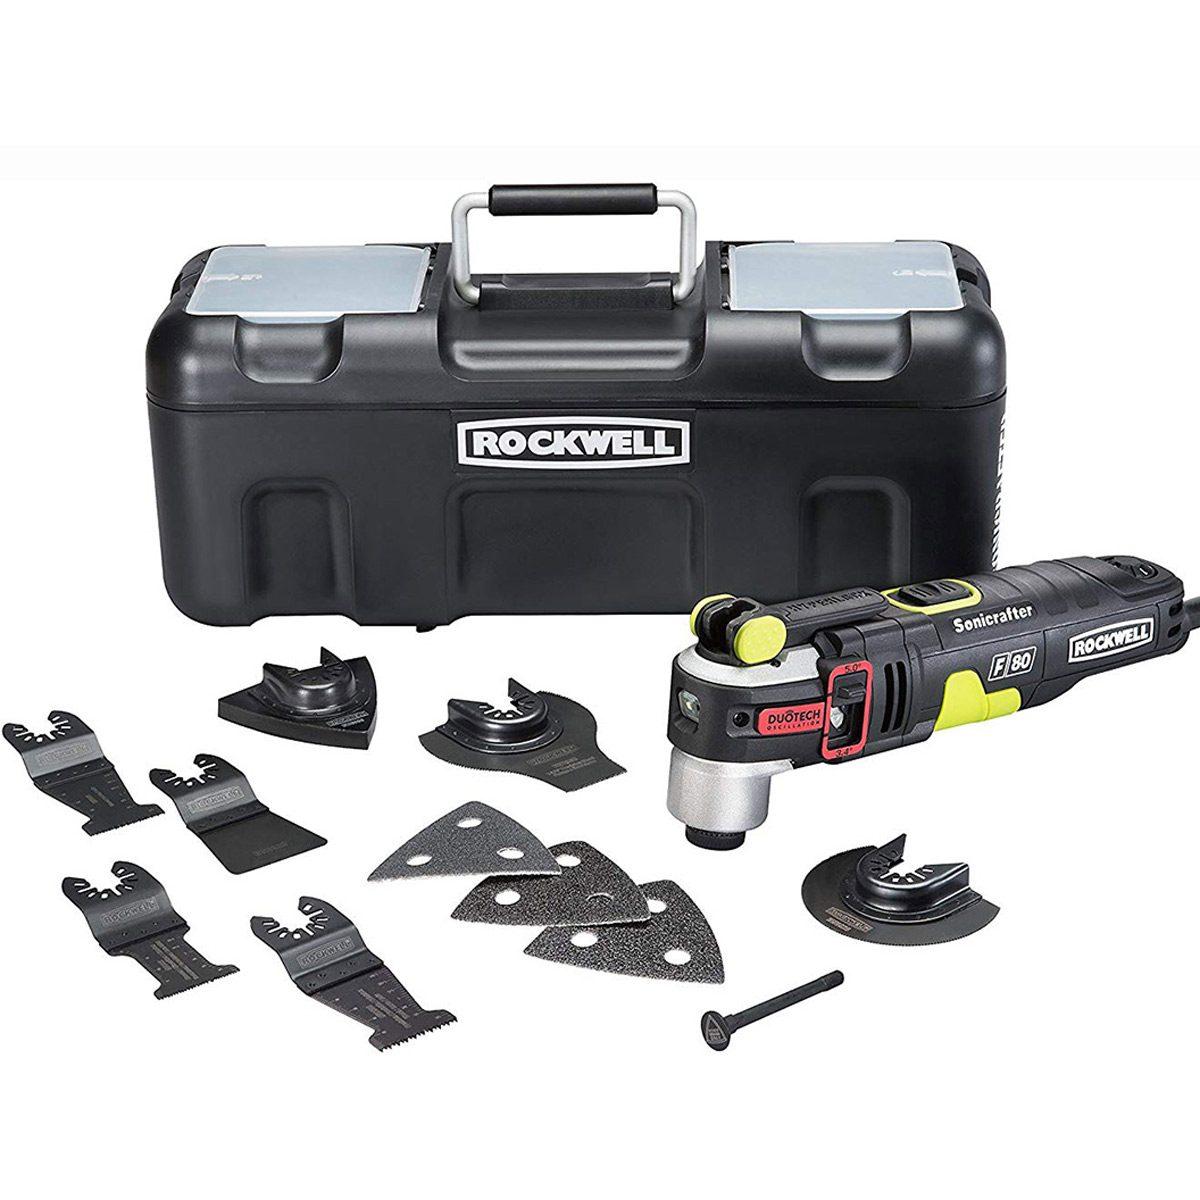 rockewell multi tool